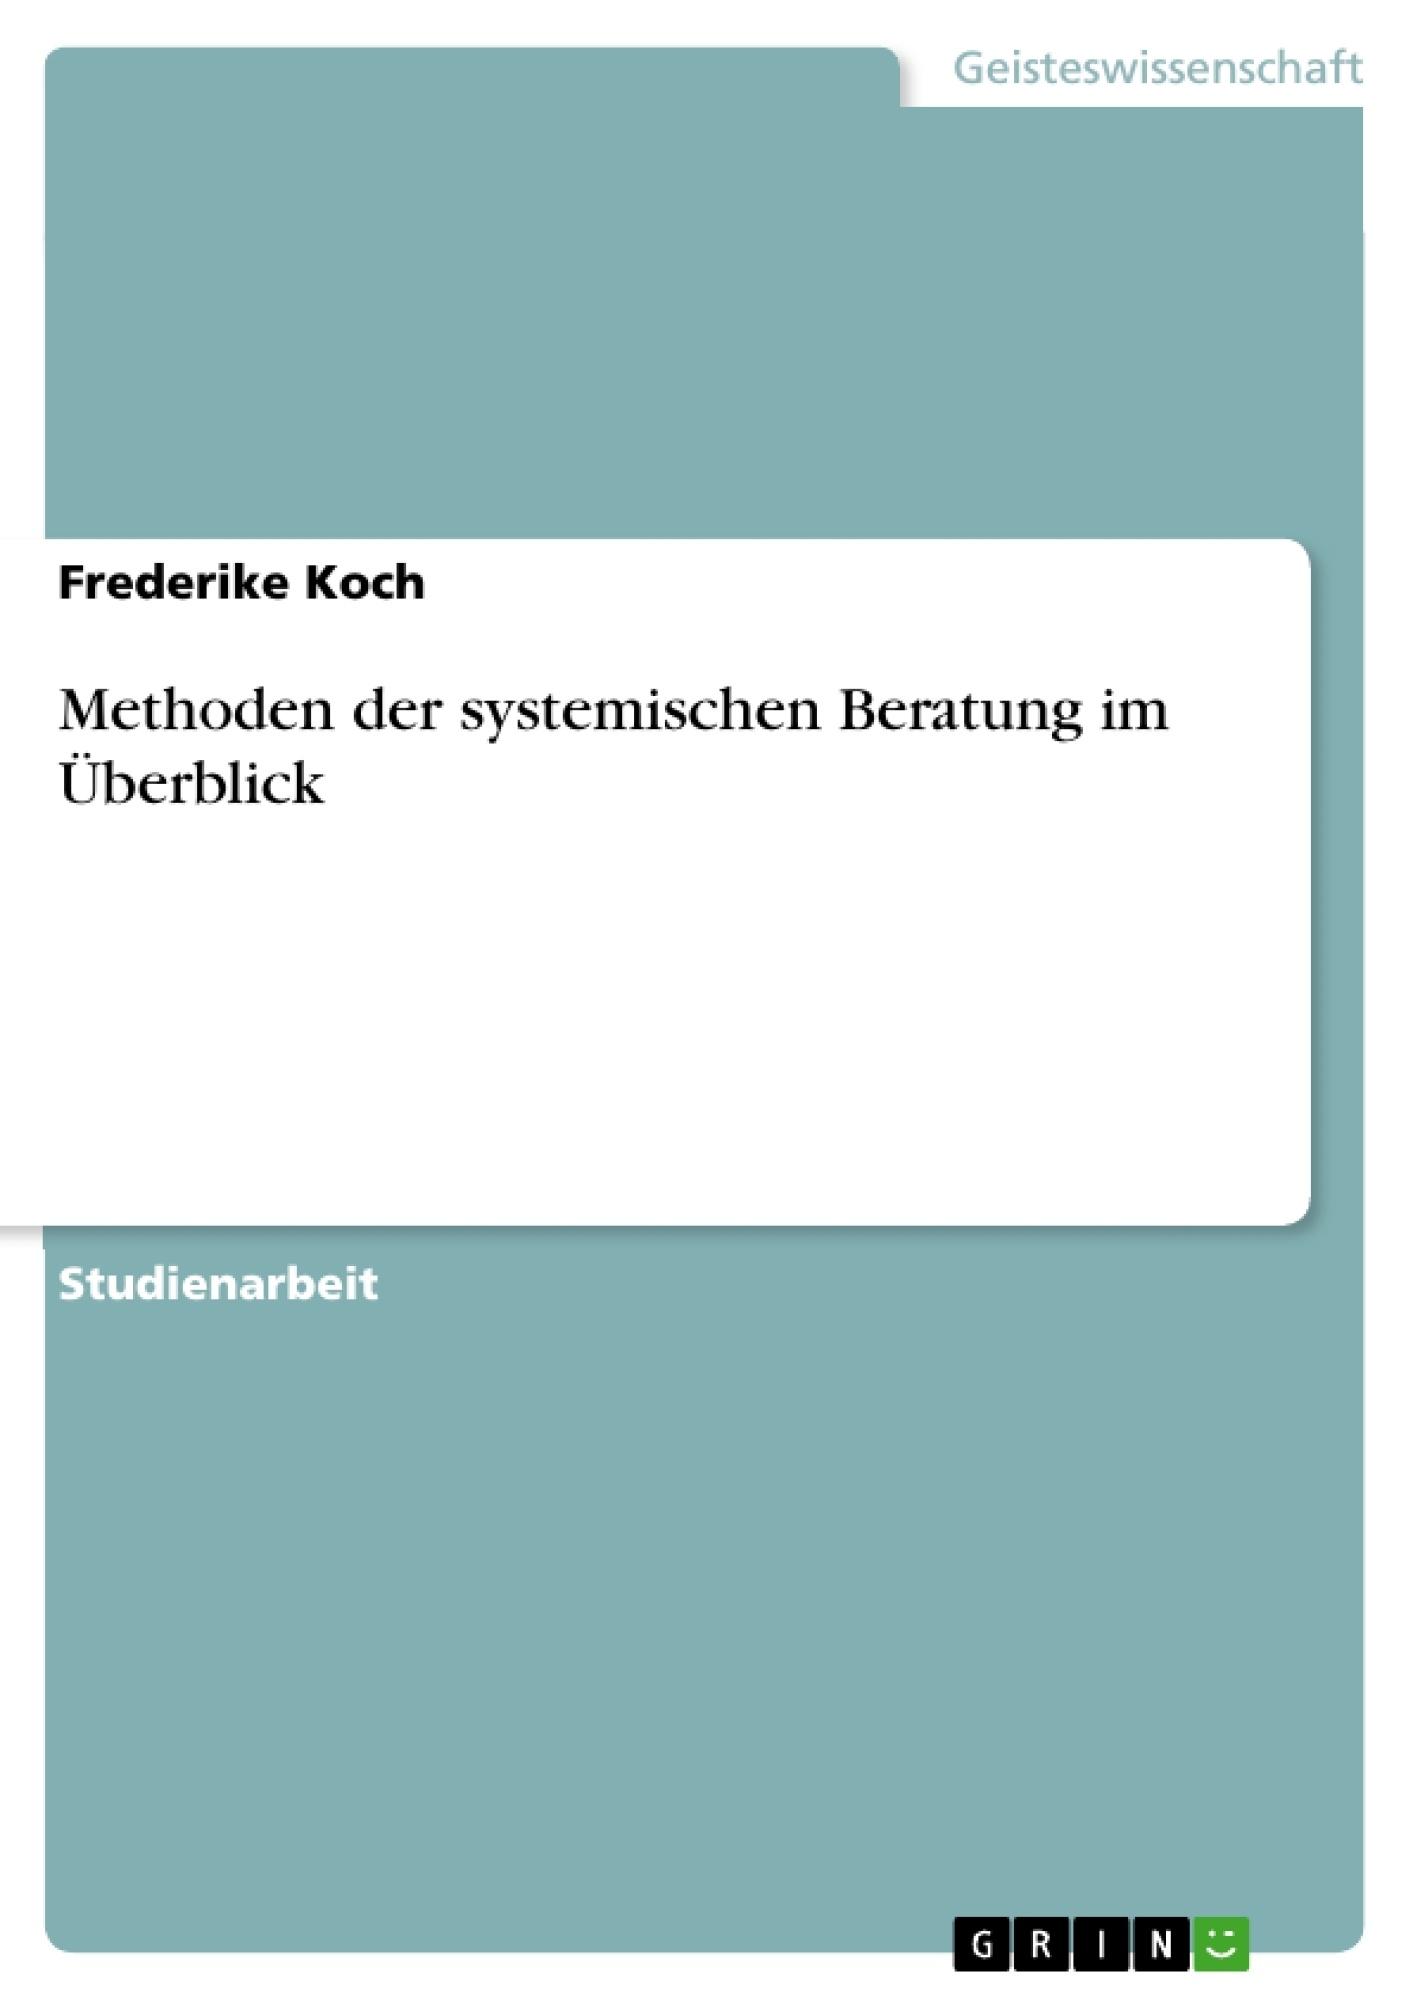 Titel: Methoden der systemischen Beratung im Überblick